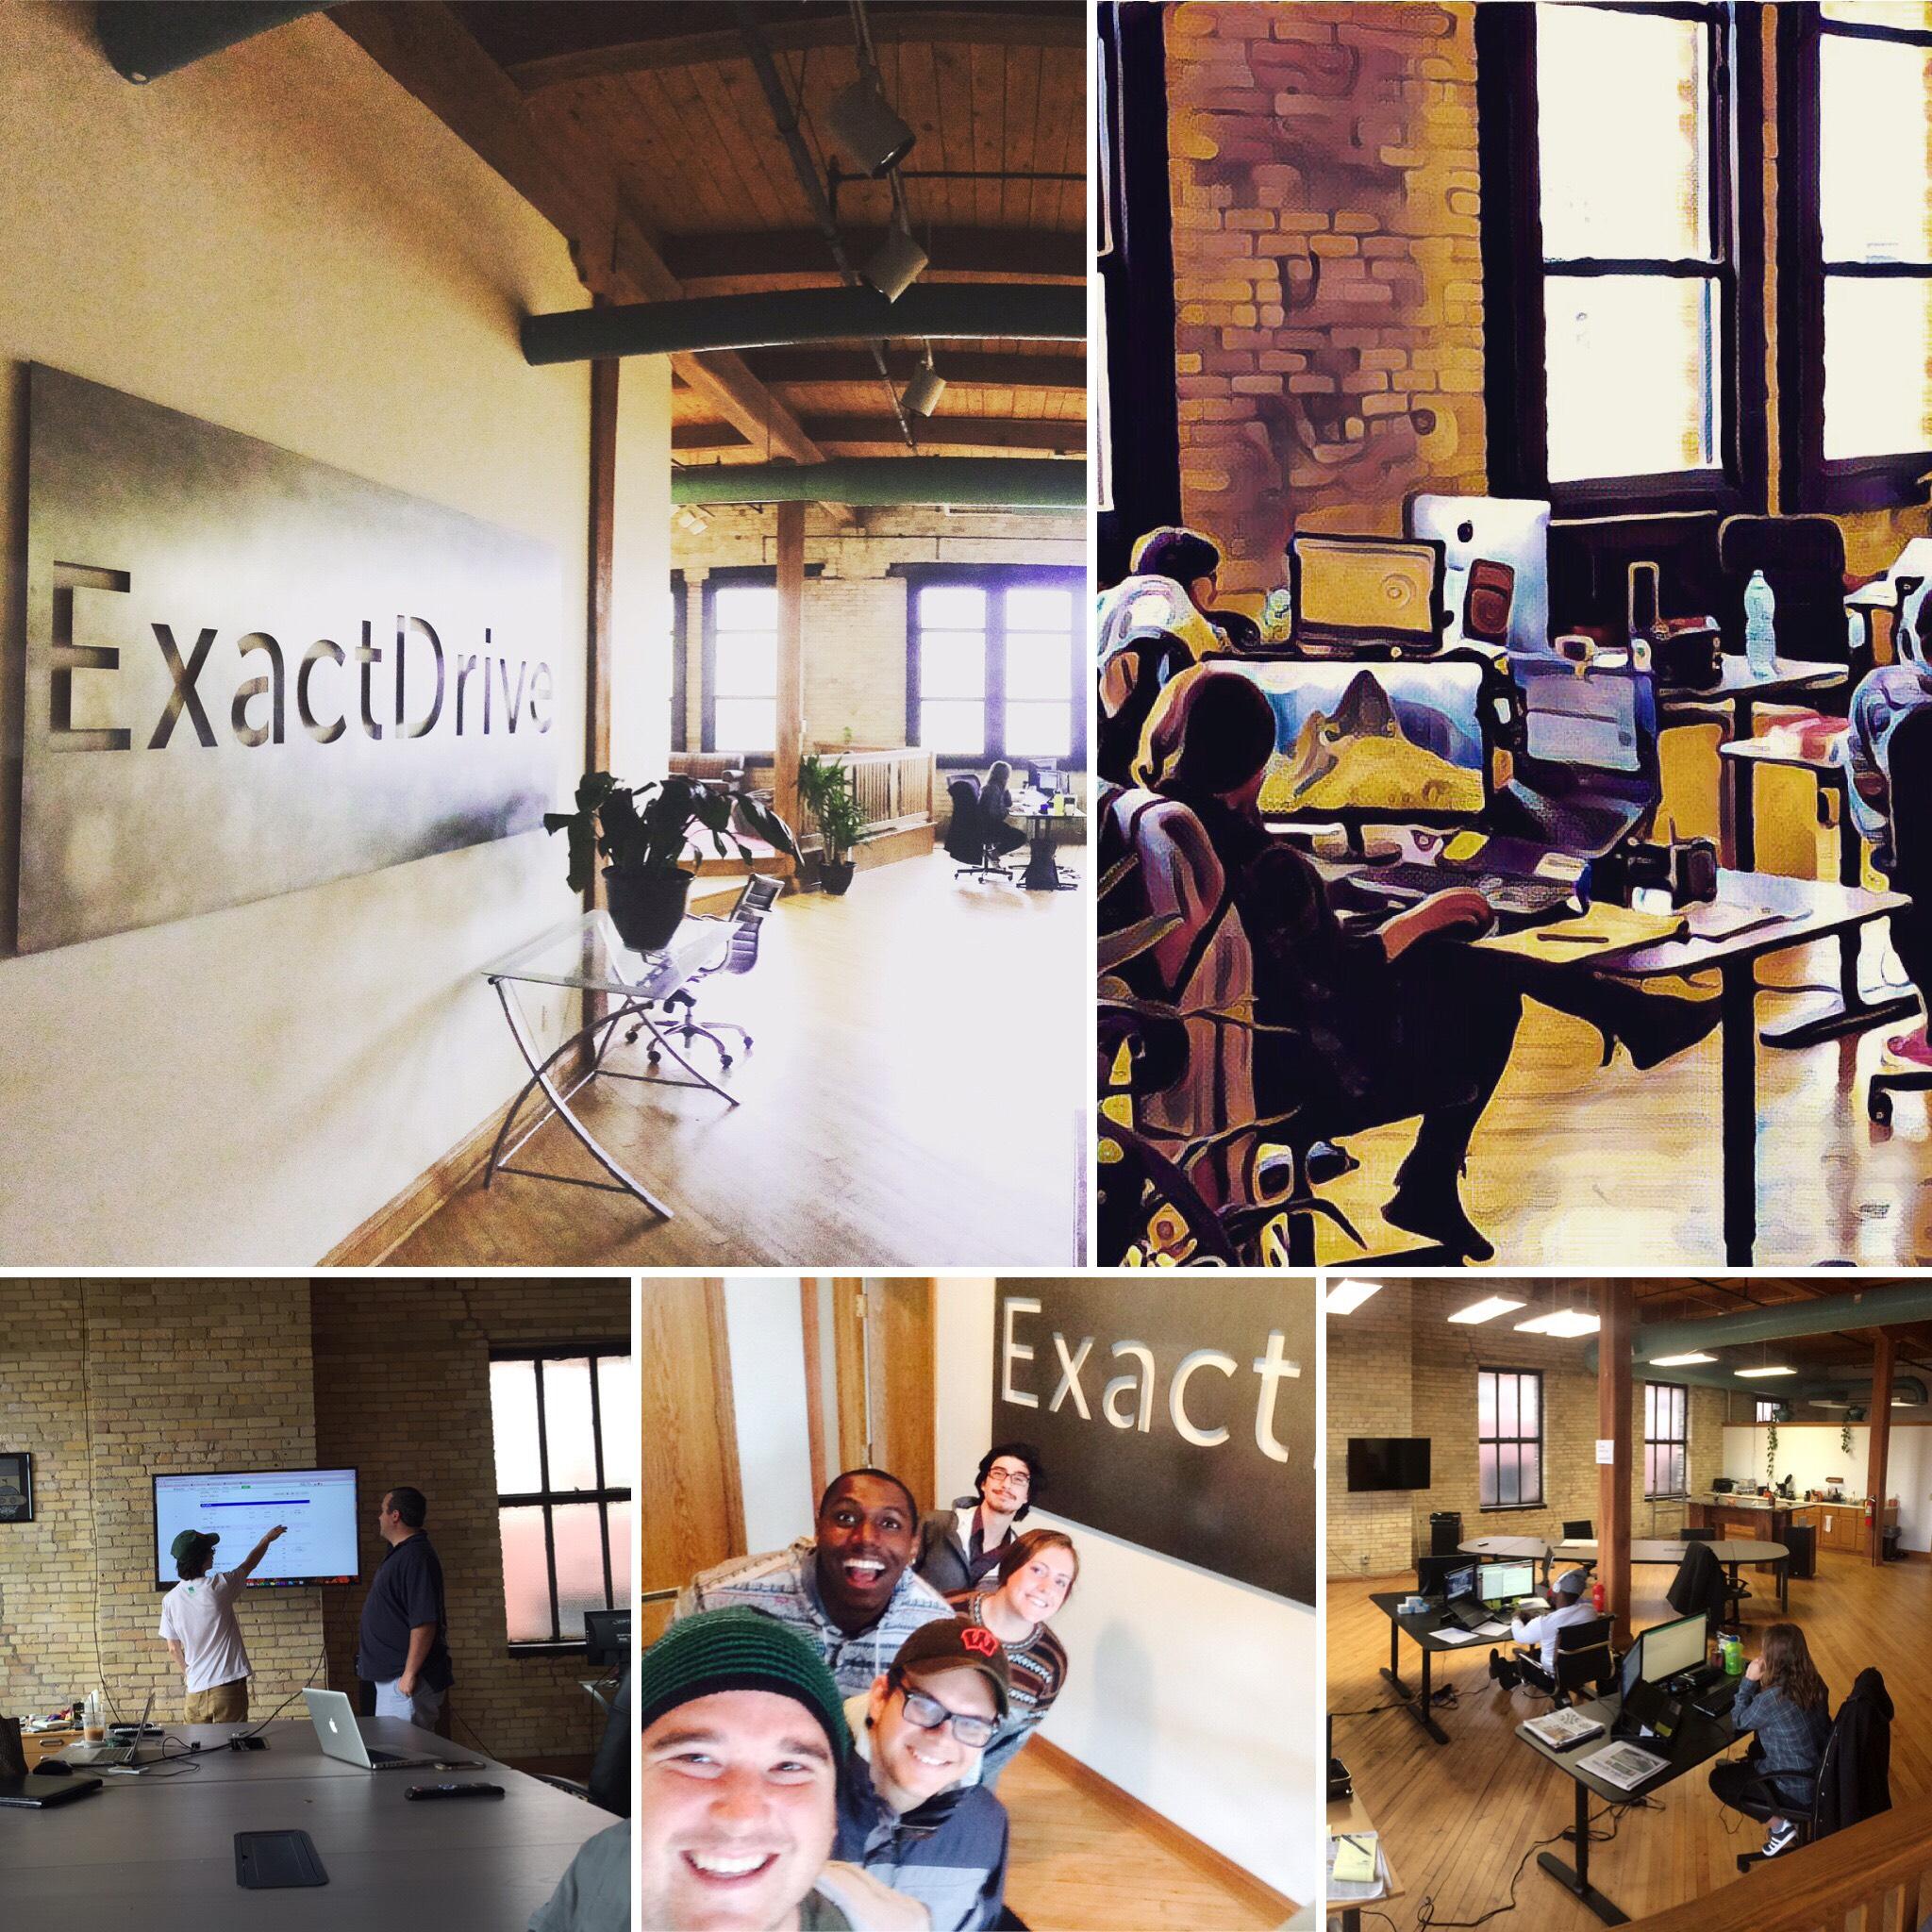 About ExactDrive - advertising platform